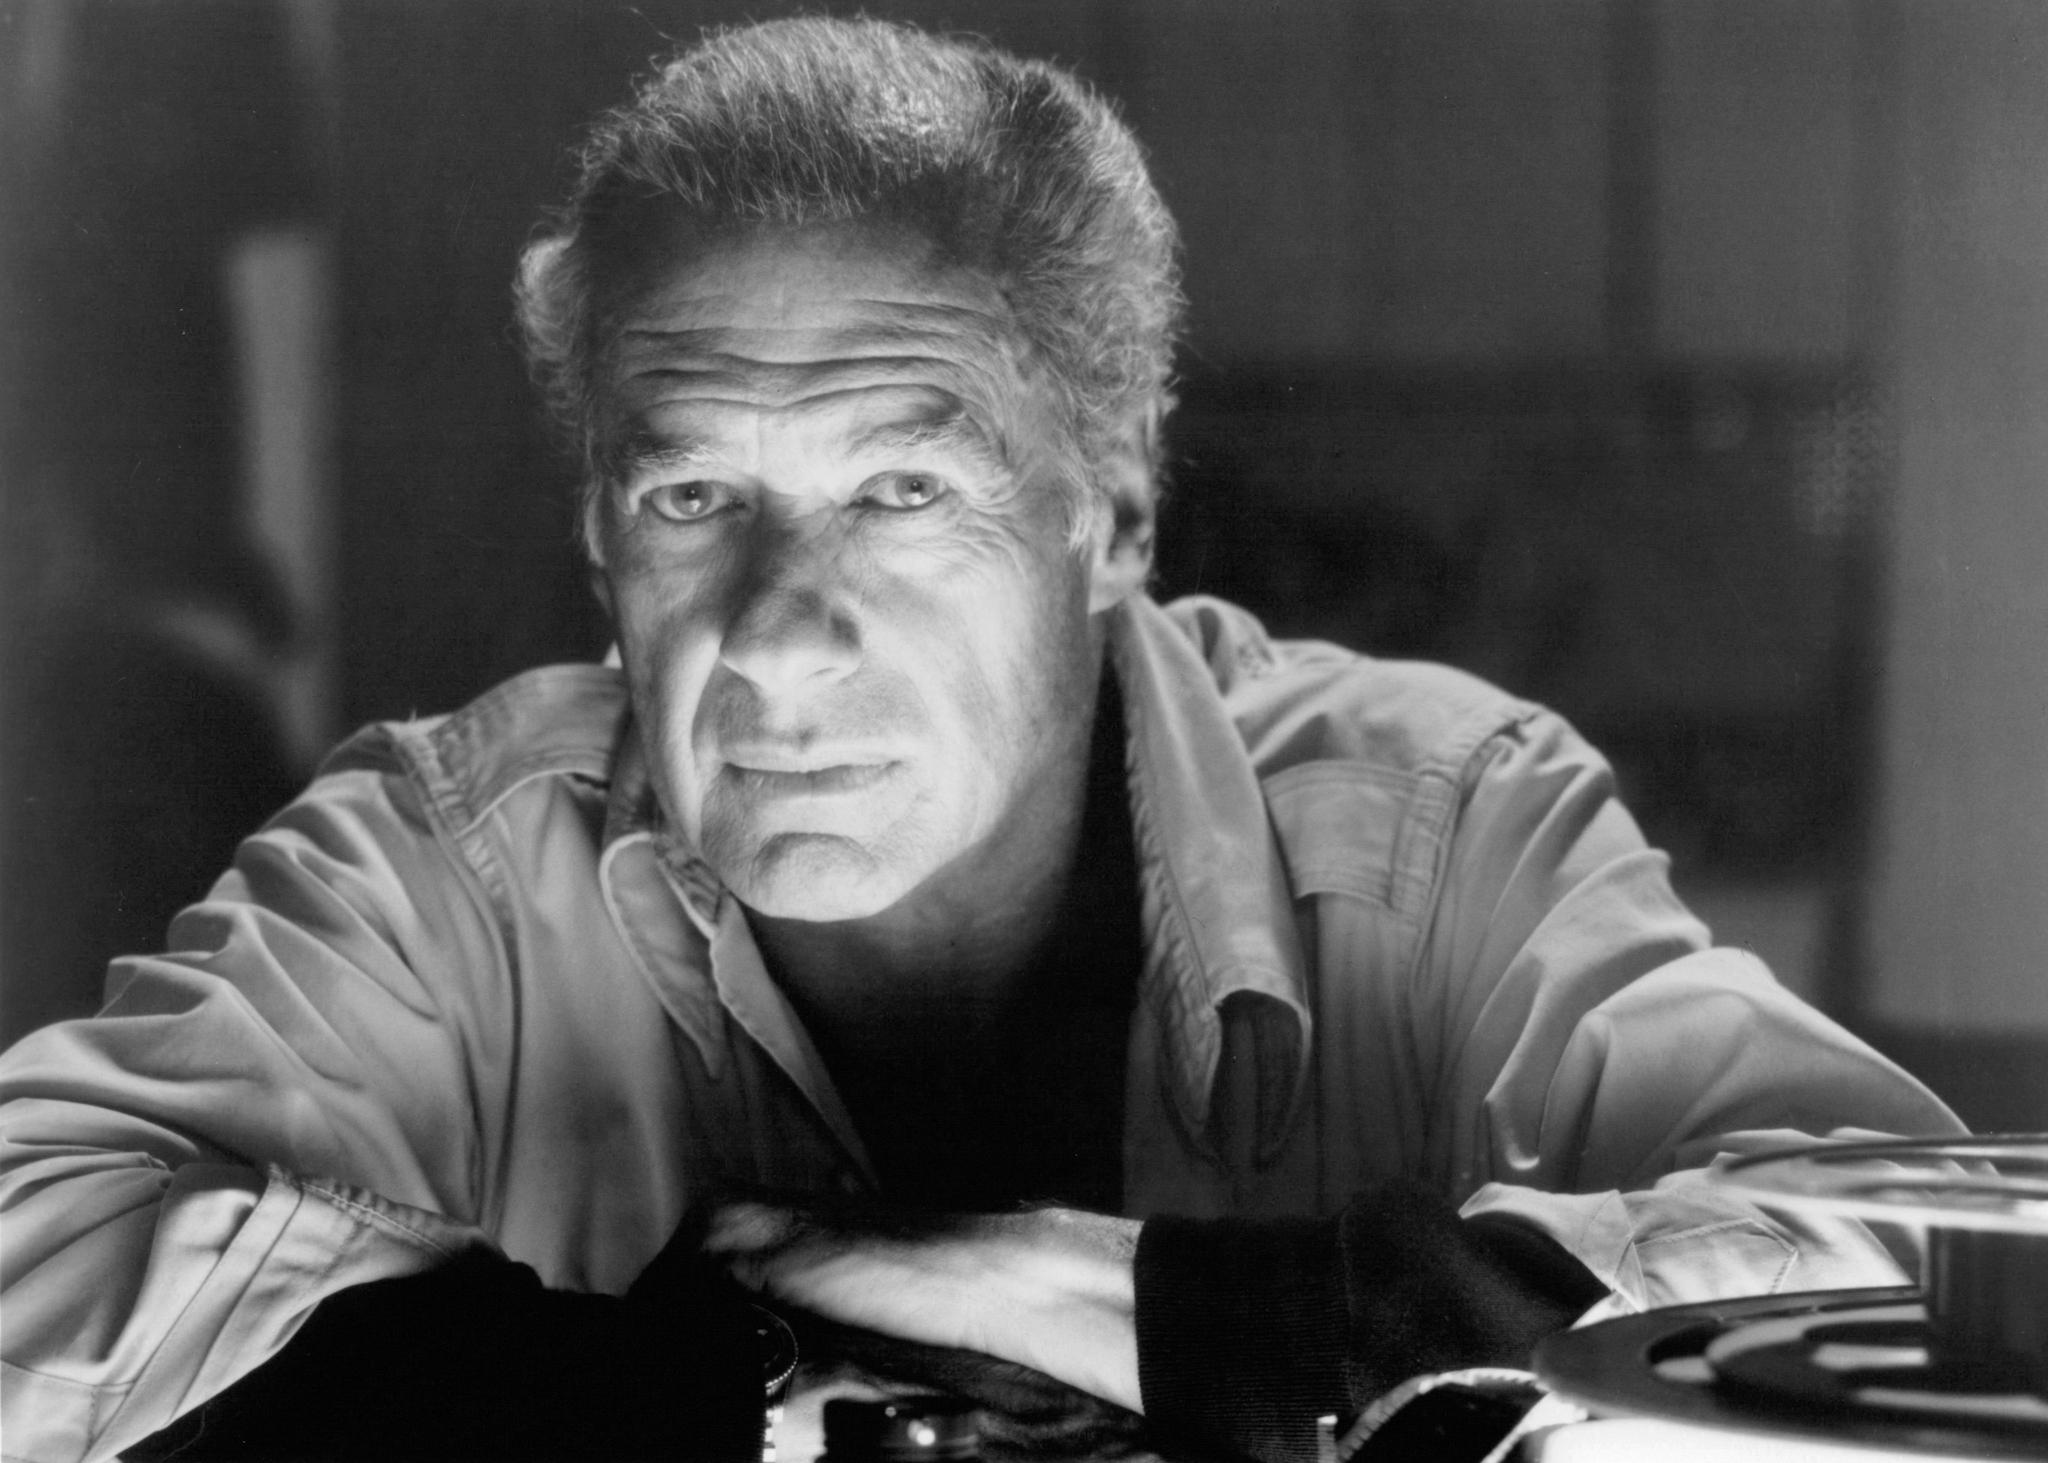 John Frankenheimer in Year of the Gun (1991)